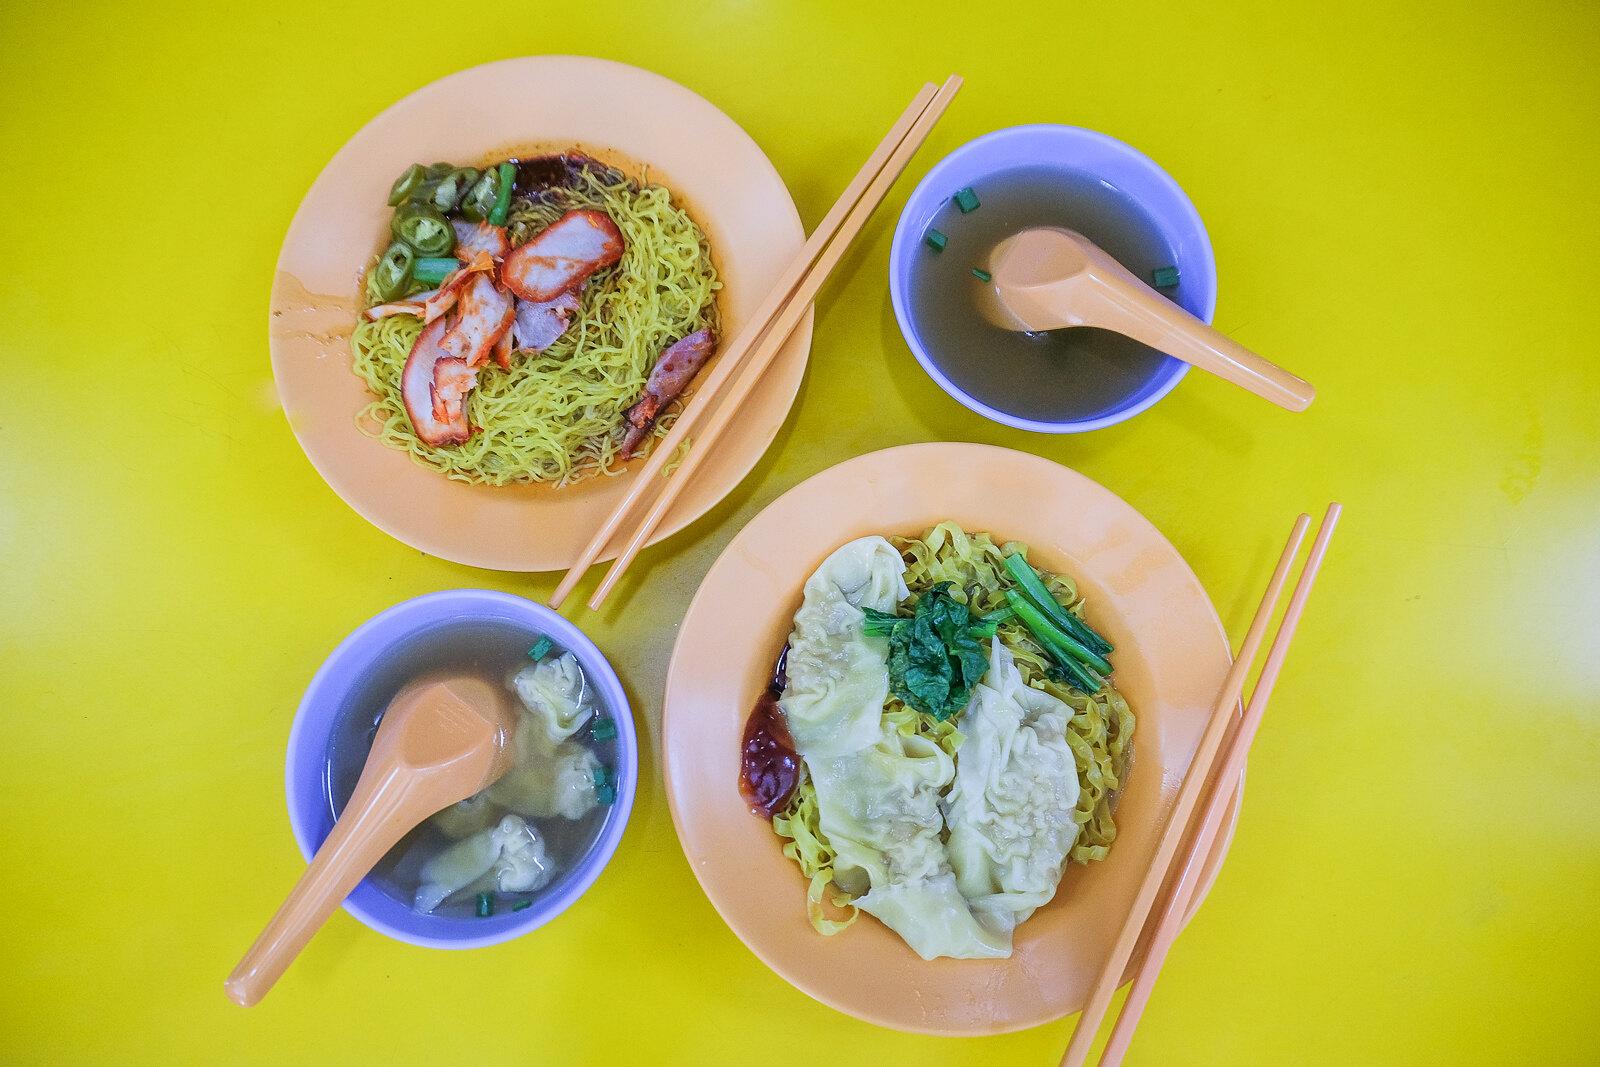 Guangzhou Mian Shi Wanton Noodle - Overview 1